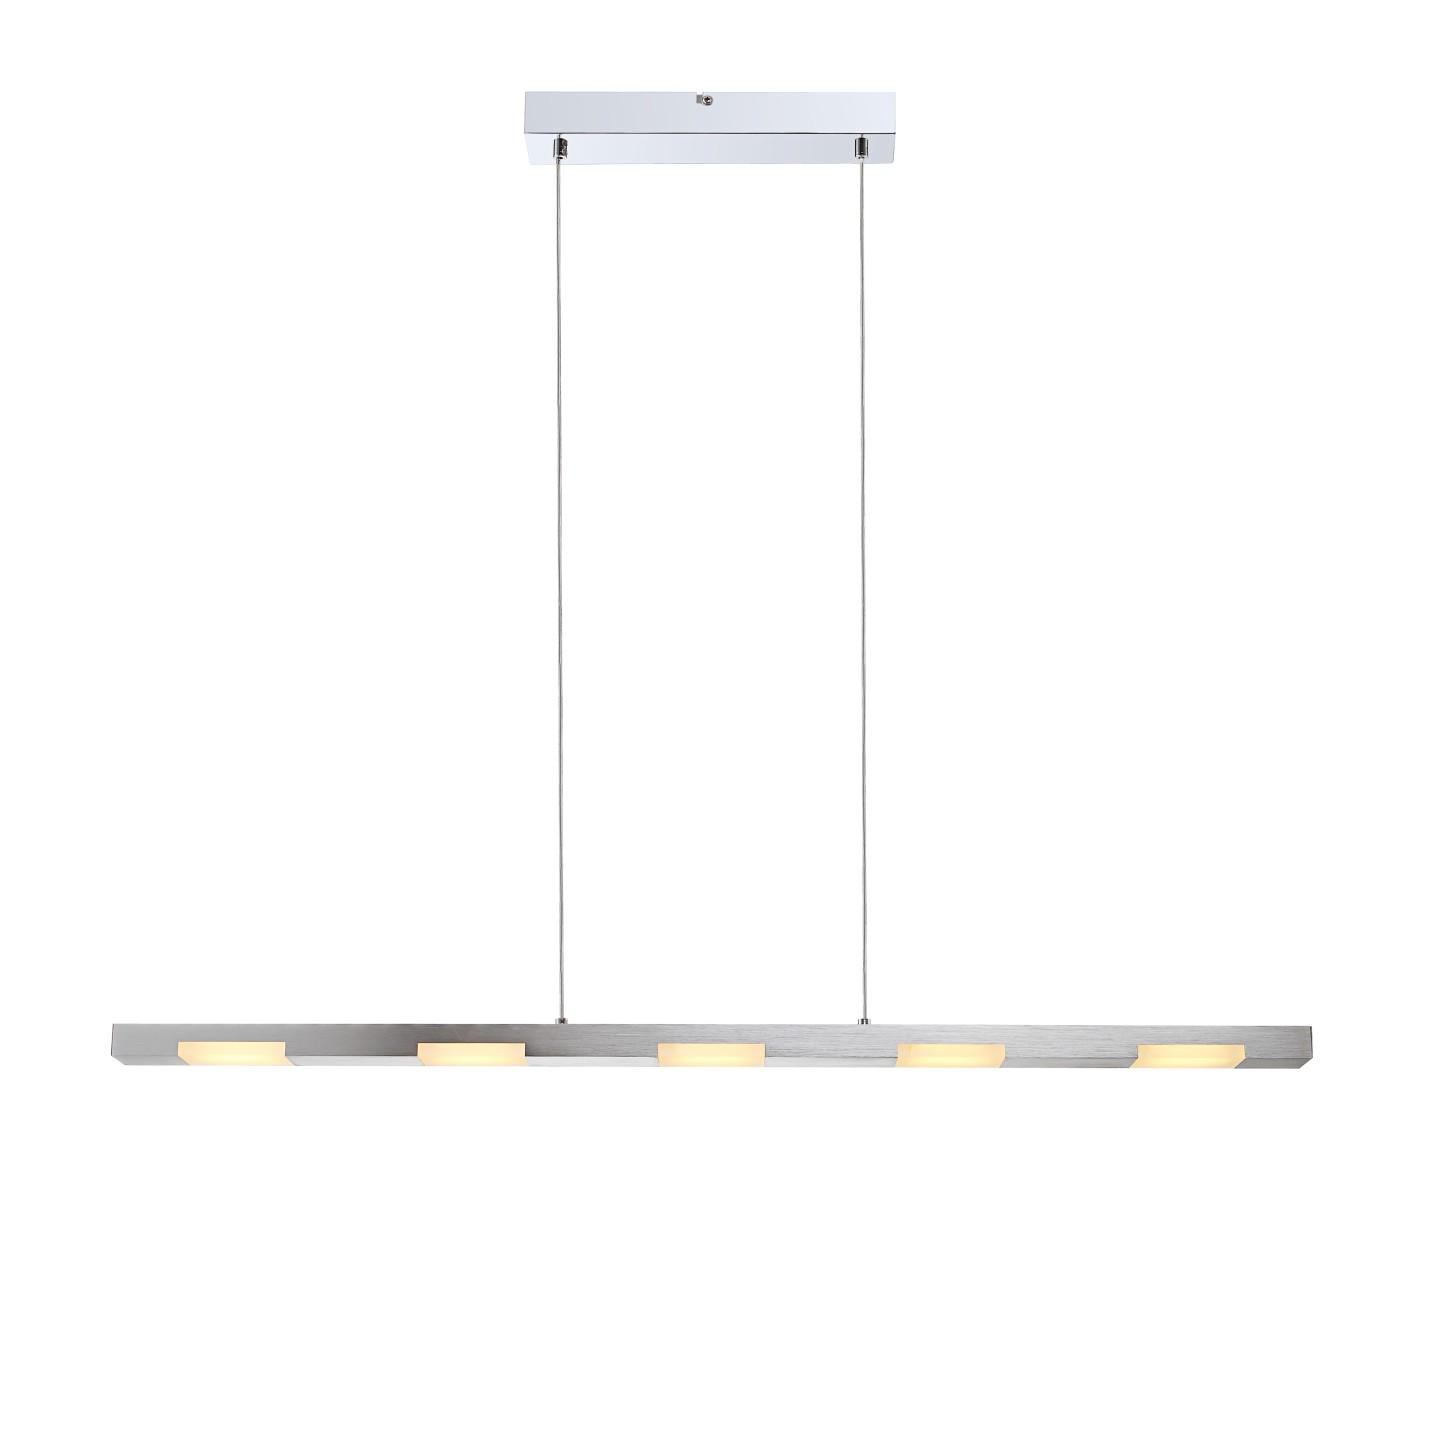 LED-Pendelleuchte 5-flammig ● Silber Metall- verchromt- Globo Lighting A+